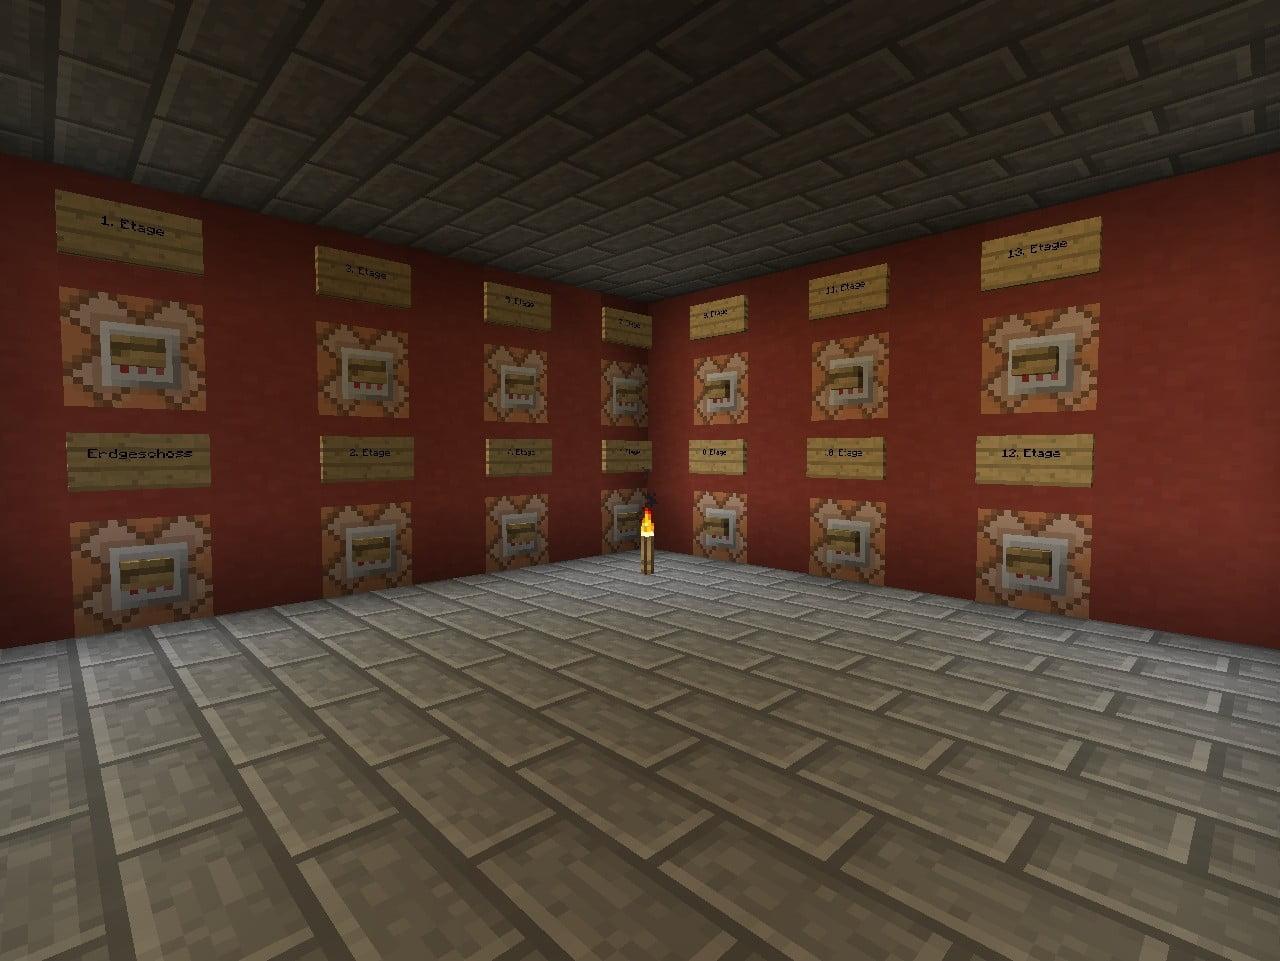 ᐅ Aufzug Mit BefehlsblöckenKommandoblöcken In Minecraft Bauen - Minecraft spieler nach hause teleportieren